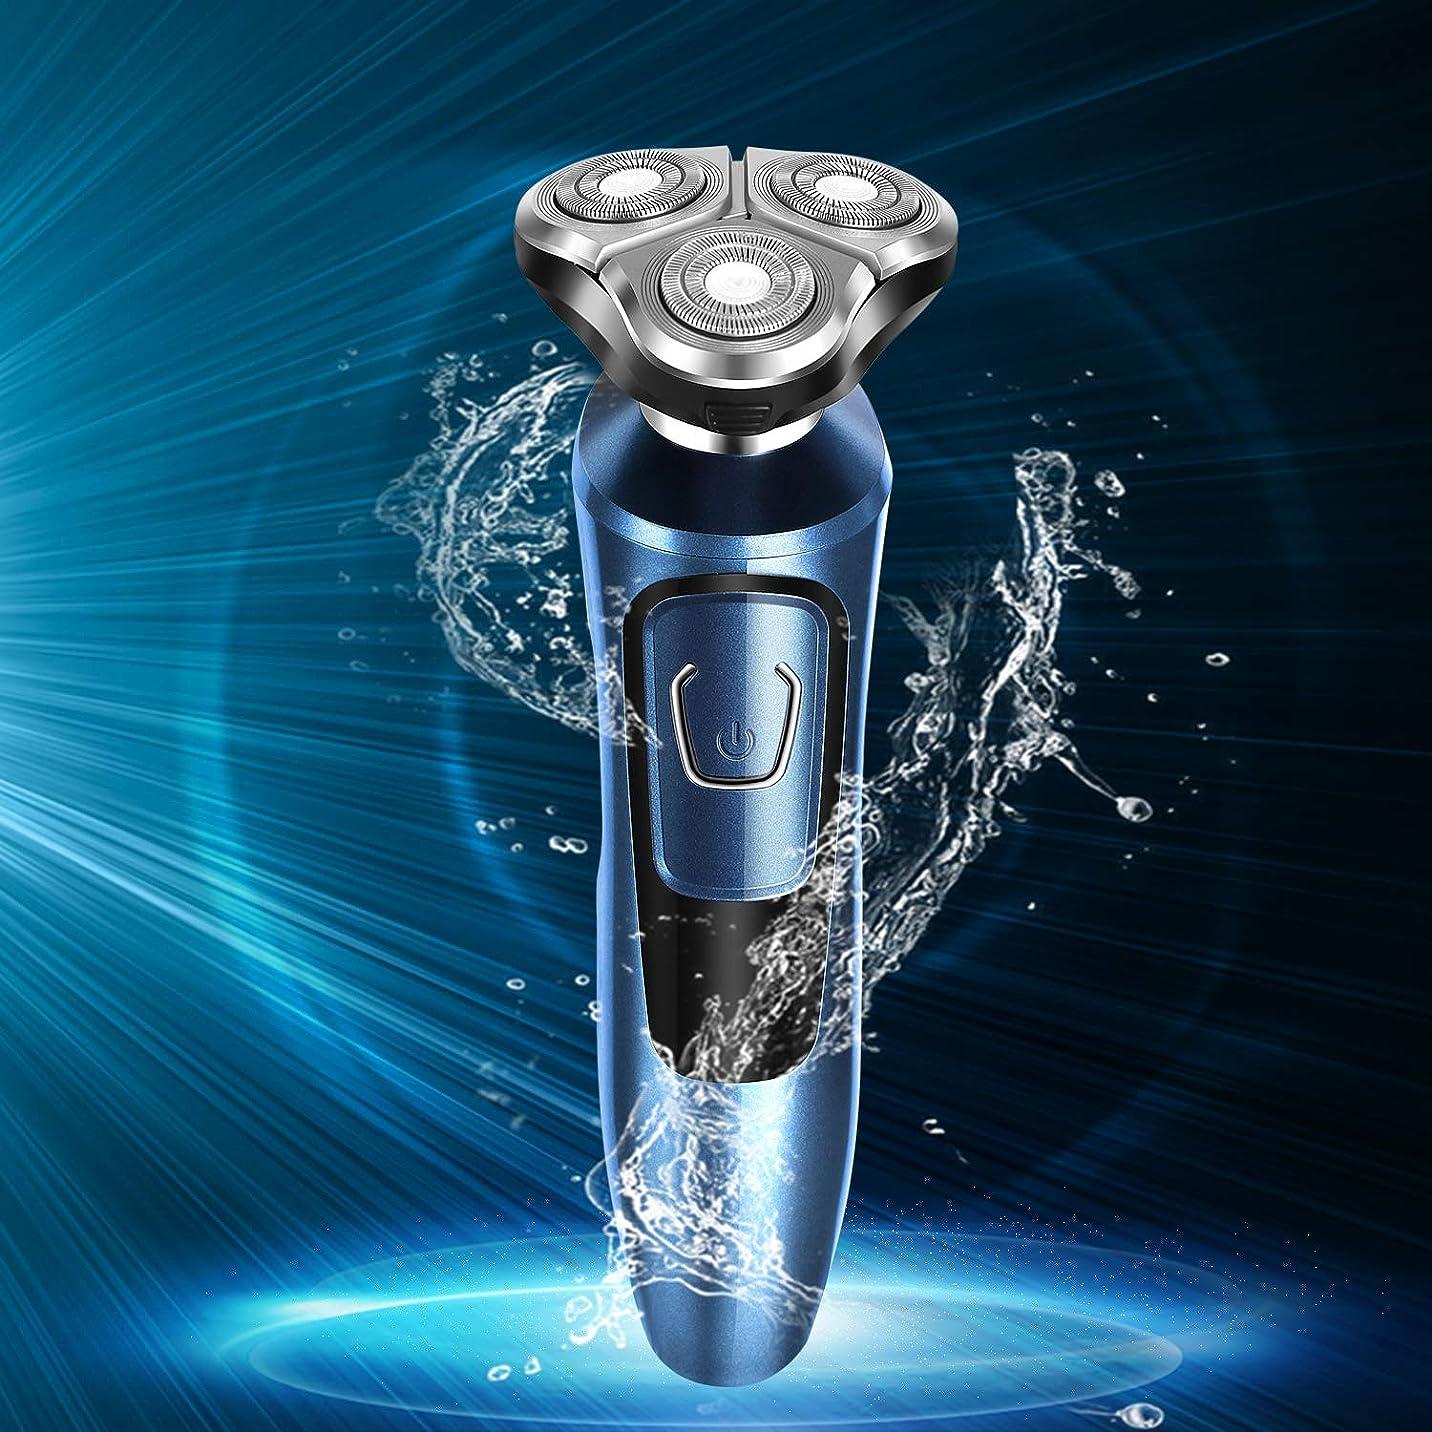 改修する回復する観察シェーバー 電動シェーバー メンズ 電気シェーバー 髭剃り USB充電式 1台3役 3枚刃 回転式 LEDディスプレイ IPX7防水 水洗可能 3D鼻毛カッター トリマー 洗顔ブラシ付き 多機能 安全ロック機能付き